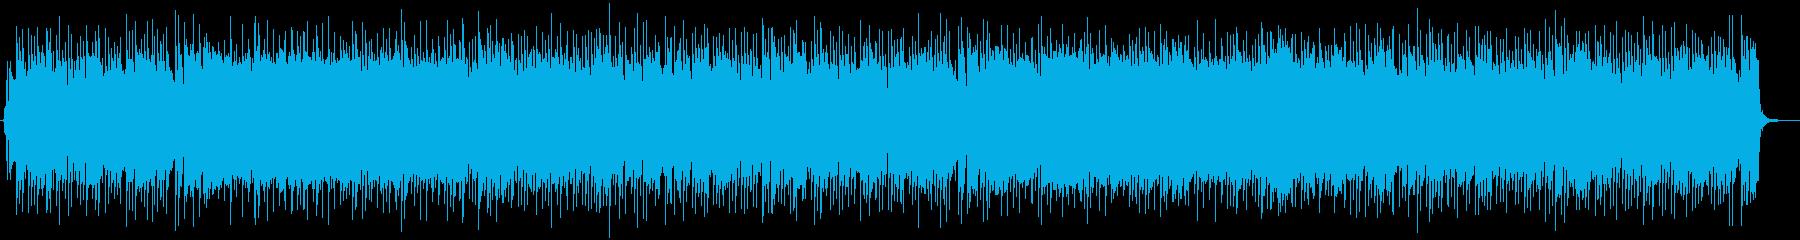 即興演奏風の陽気なギターロックBGMの再生済みの波形